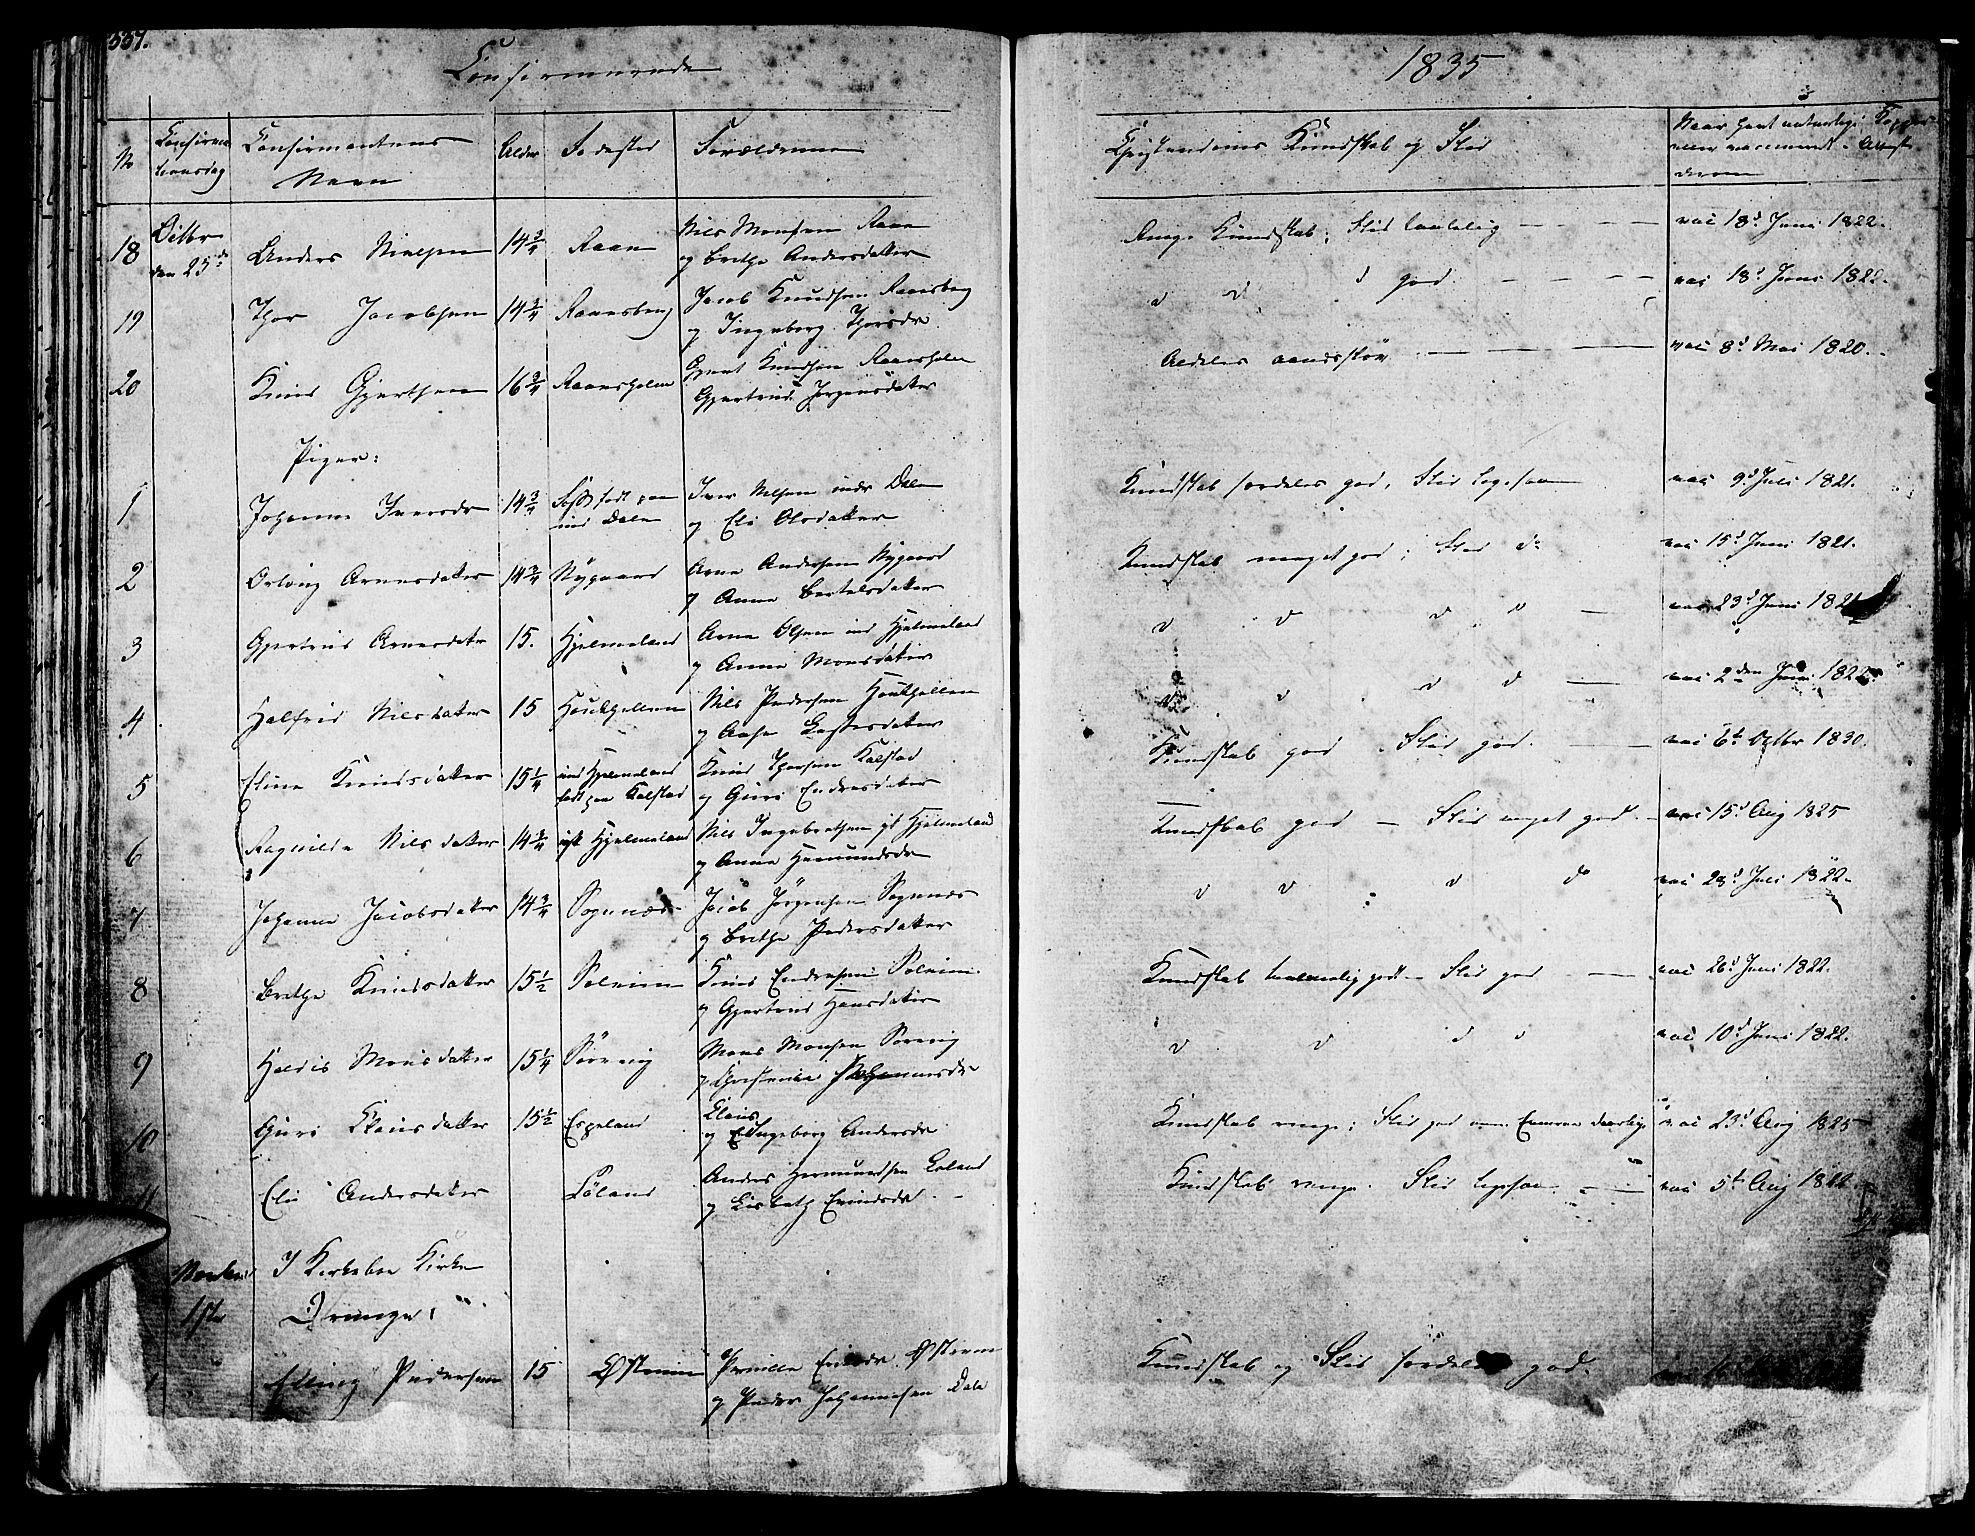 SAB, Lavik sokneprestembete, Ministerialbok nr. A 2I, 1821-1842, s. 337